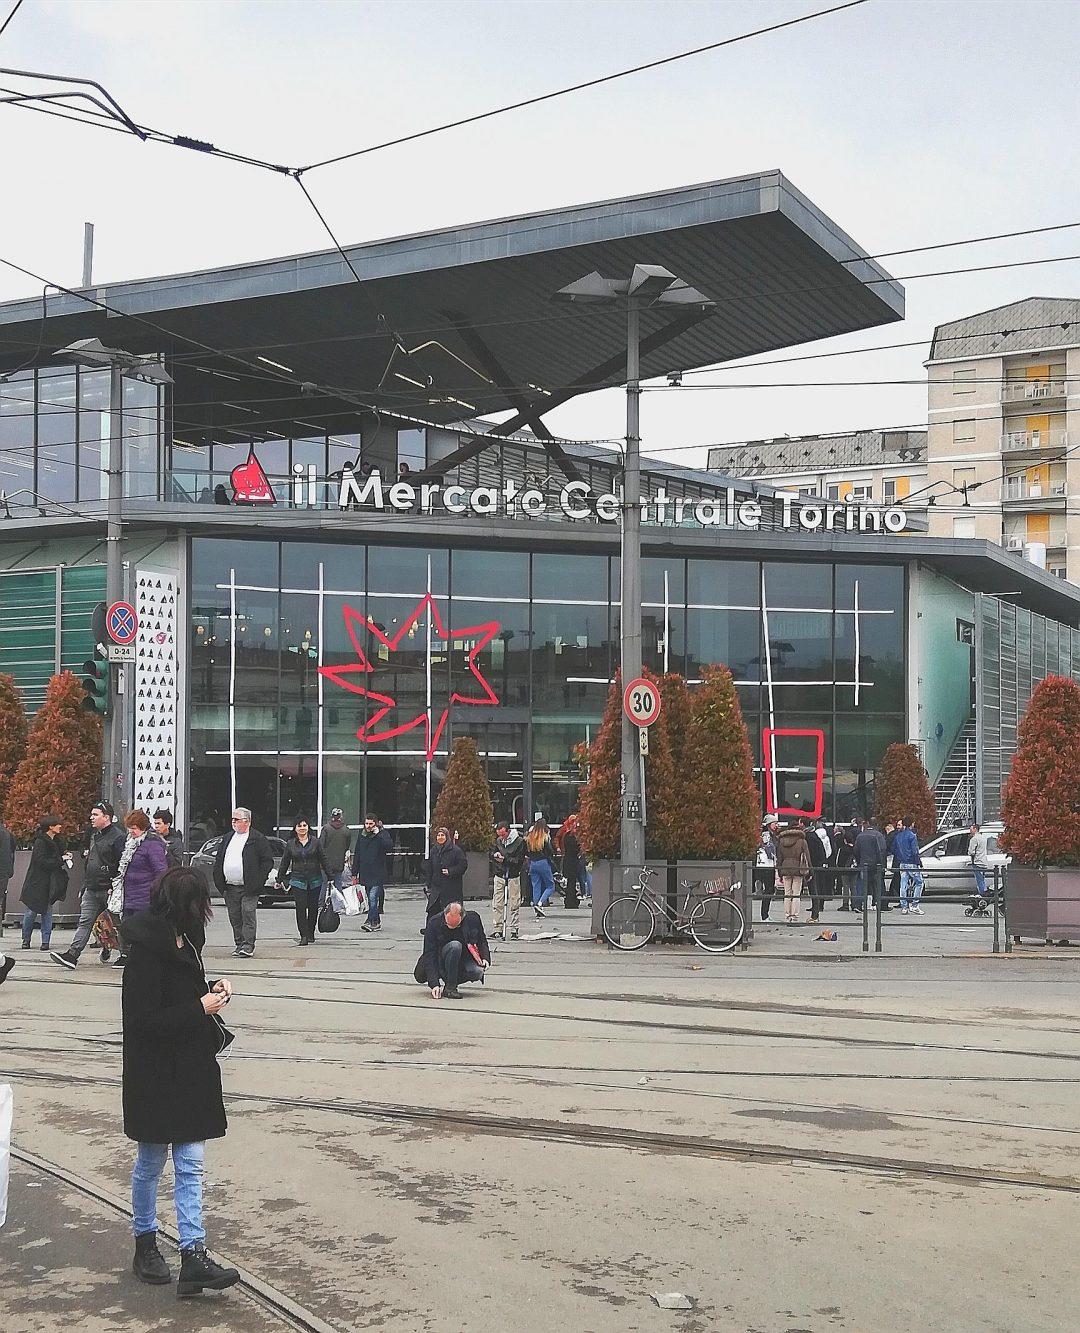 Apre Mercato centrale Torino: le botteghe